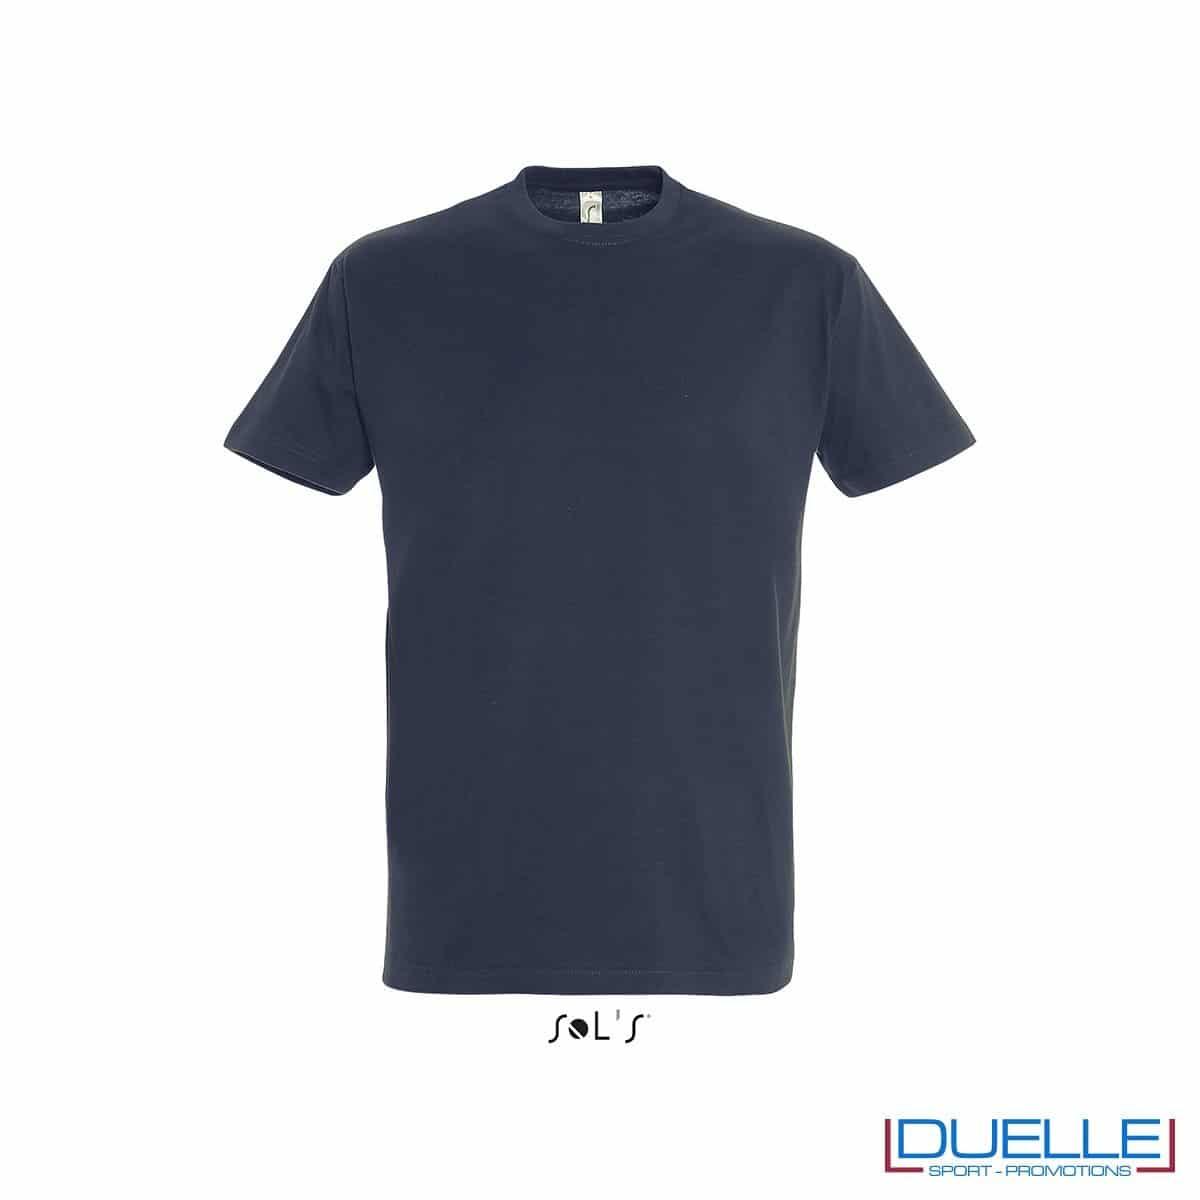 Maglietta mezza maniche girocollo in cotone pesante personalizzata colore blu navy